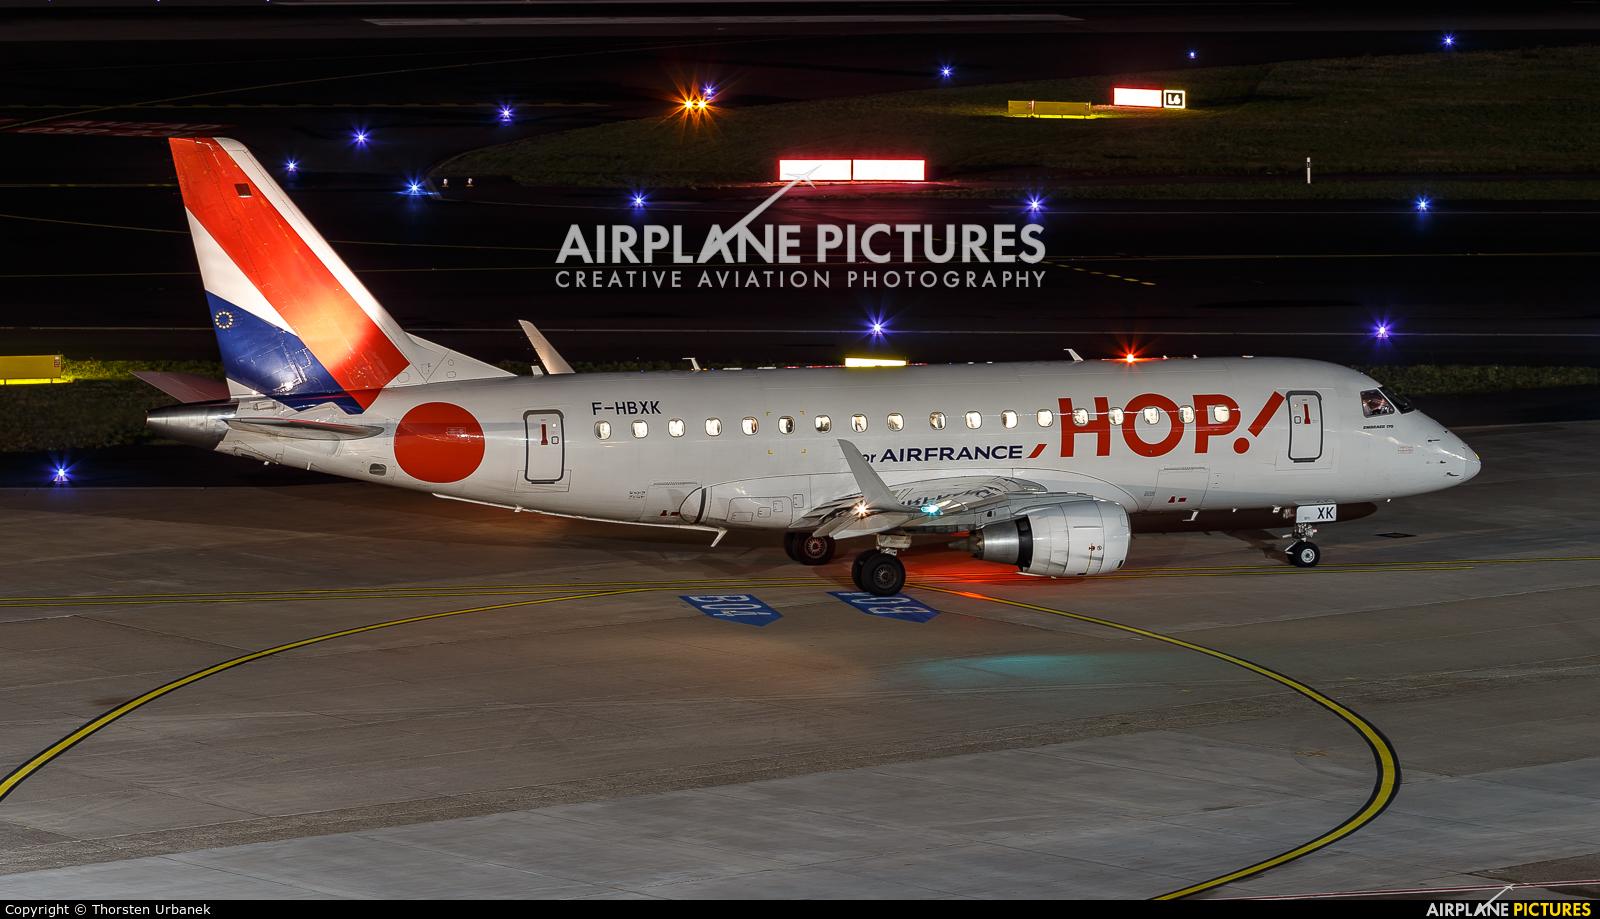 Air France - Hop! F-HBXK aircraft at Düsseldorf